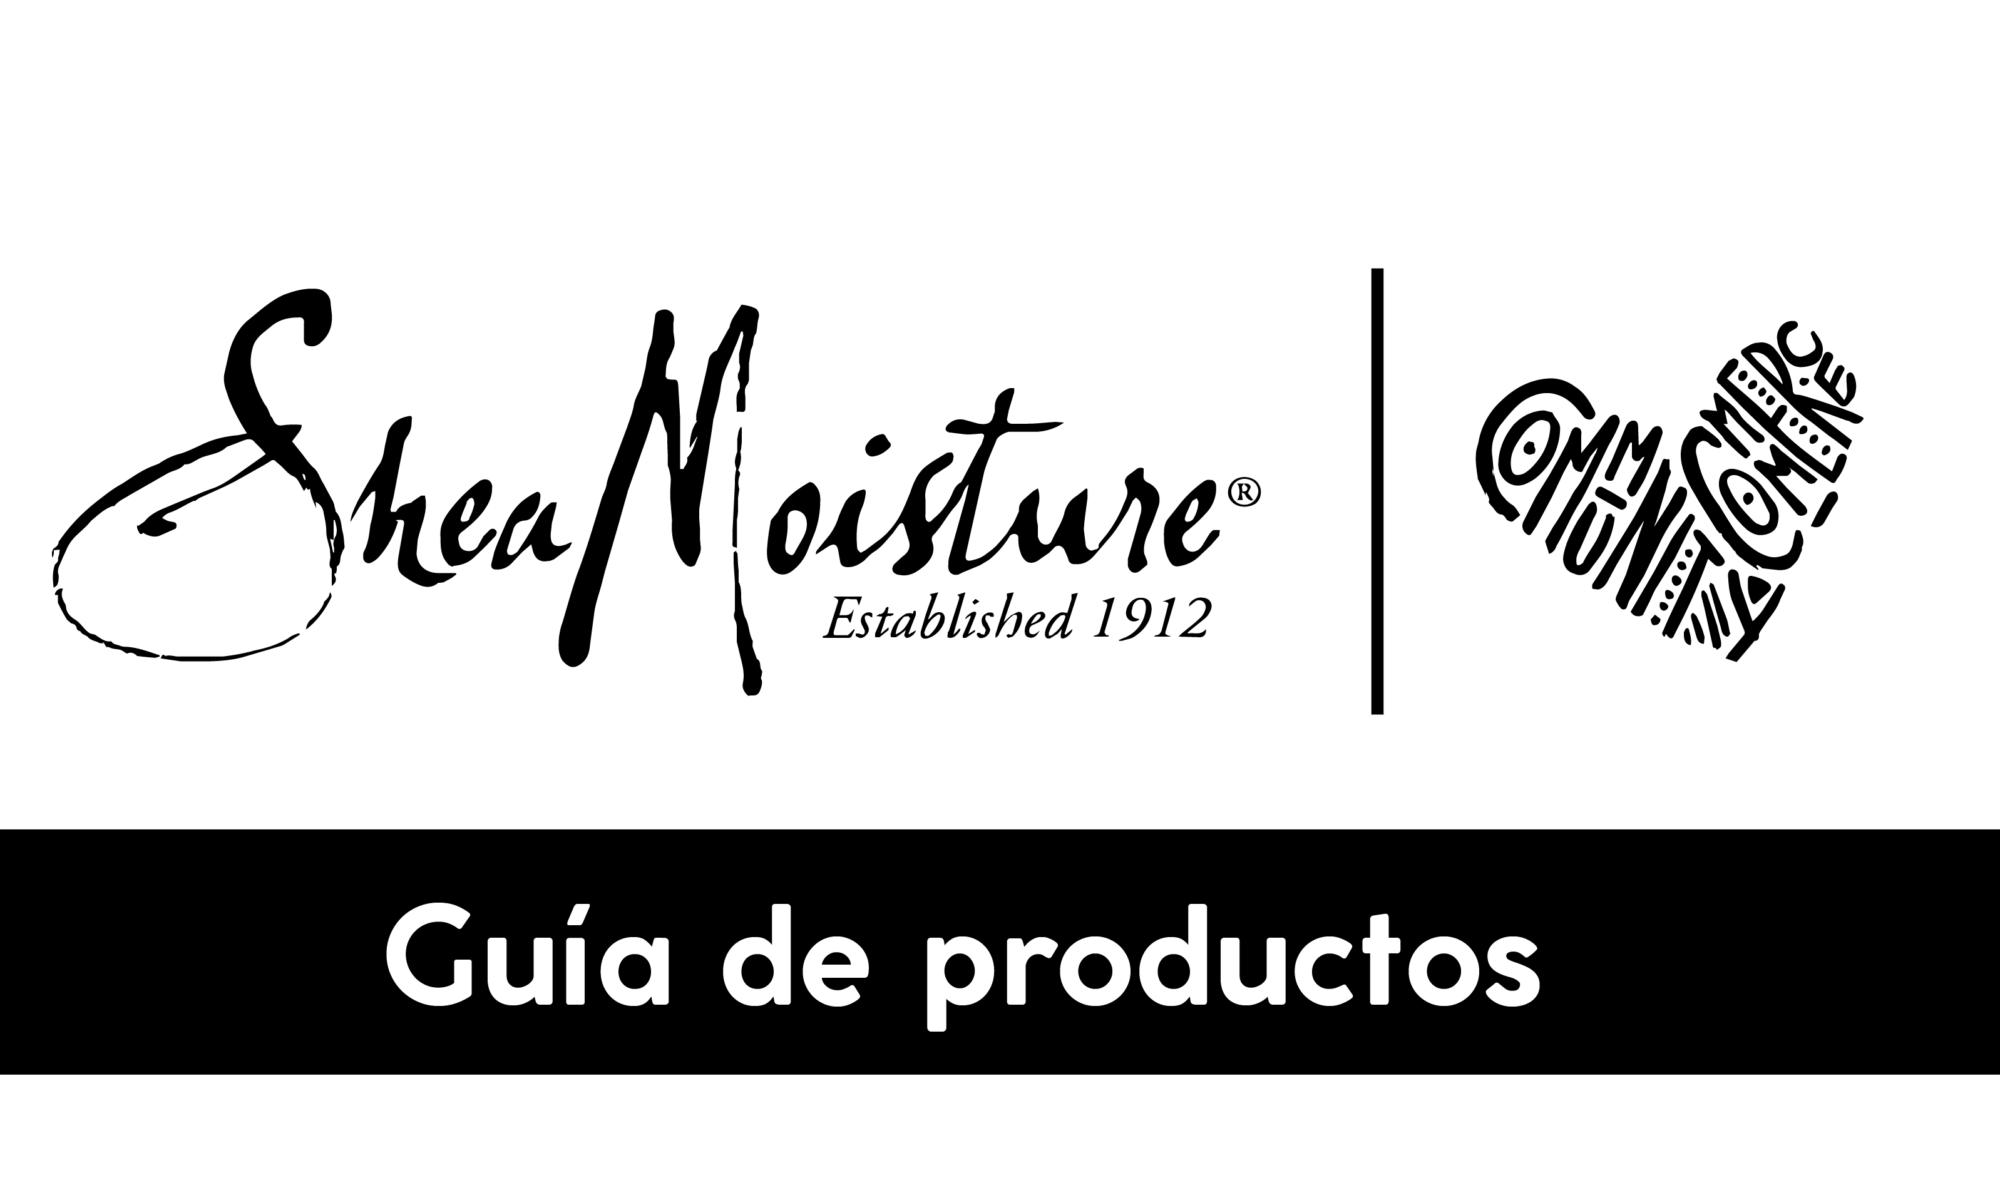 Guía de productos Shea Moisture